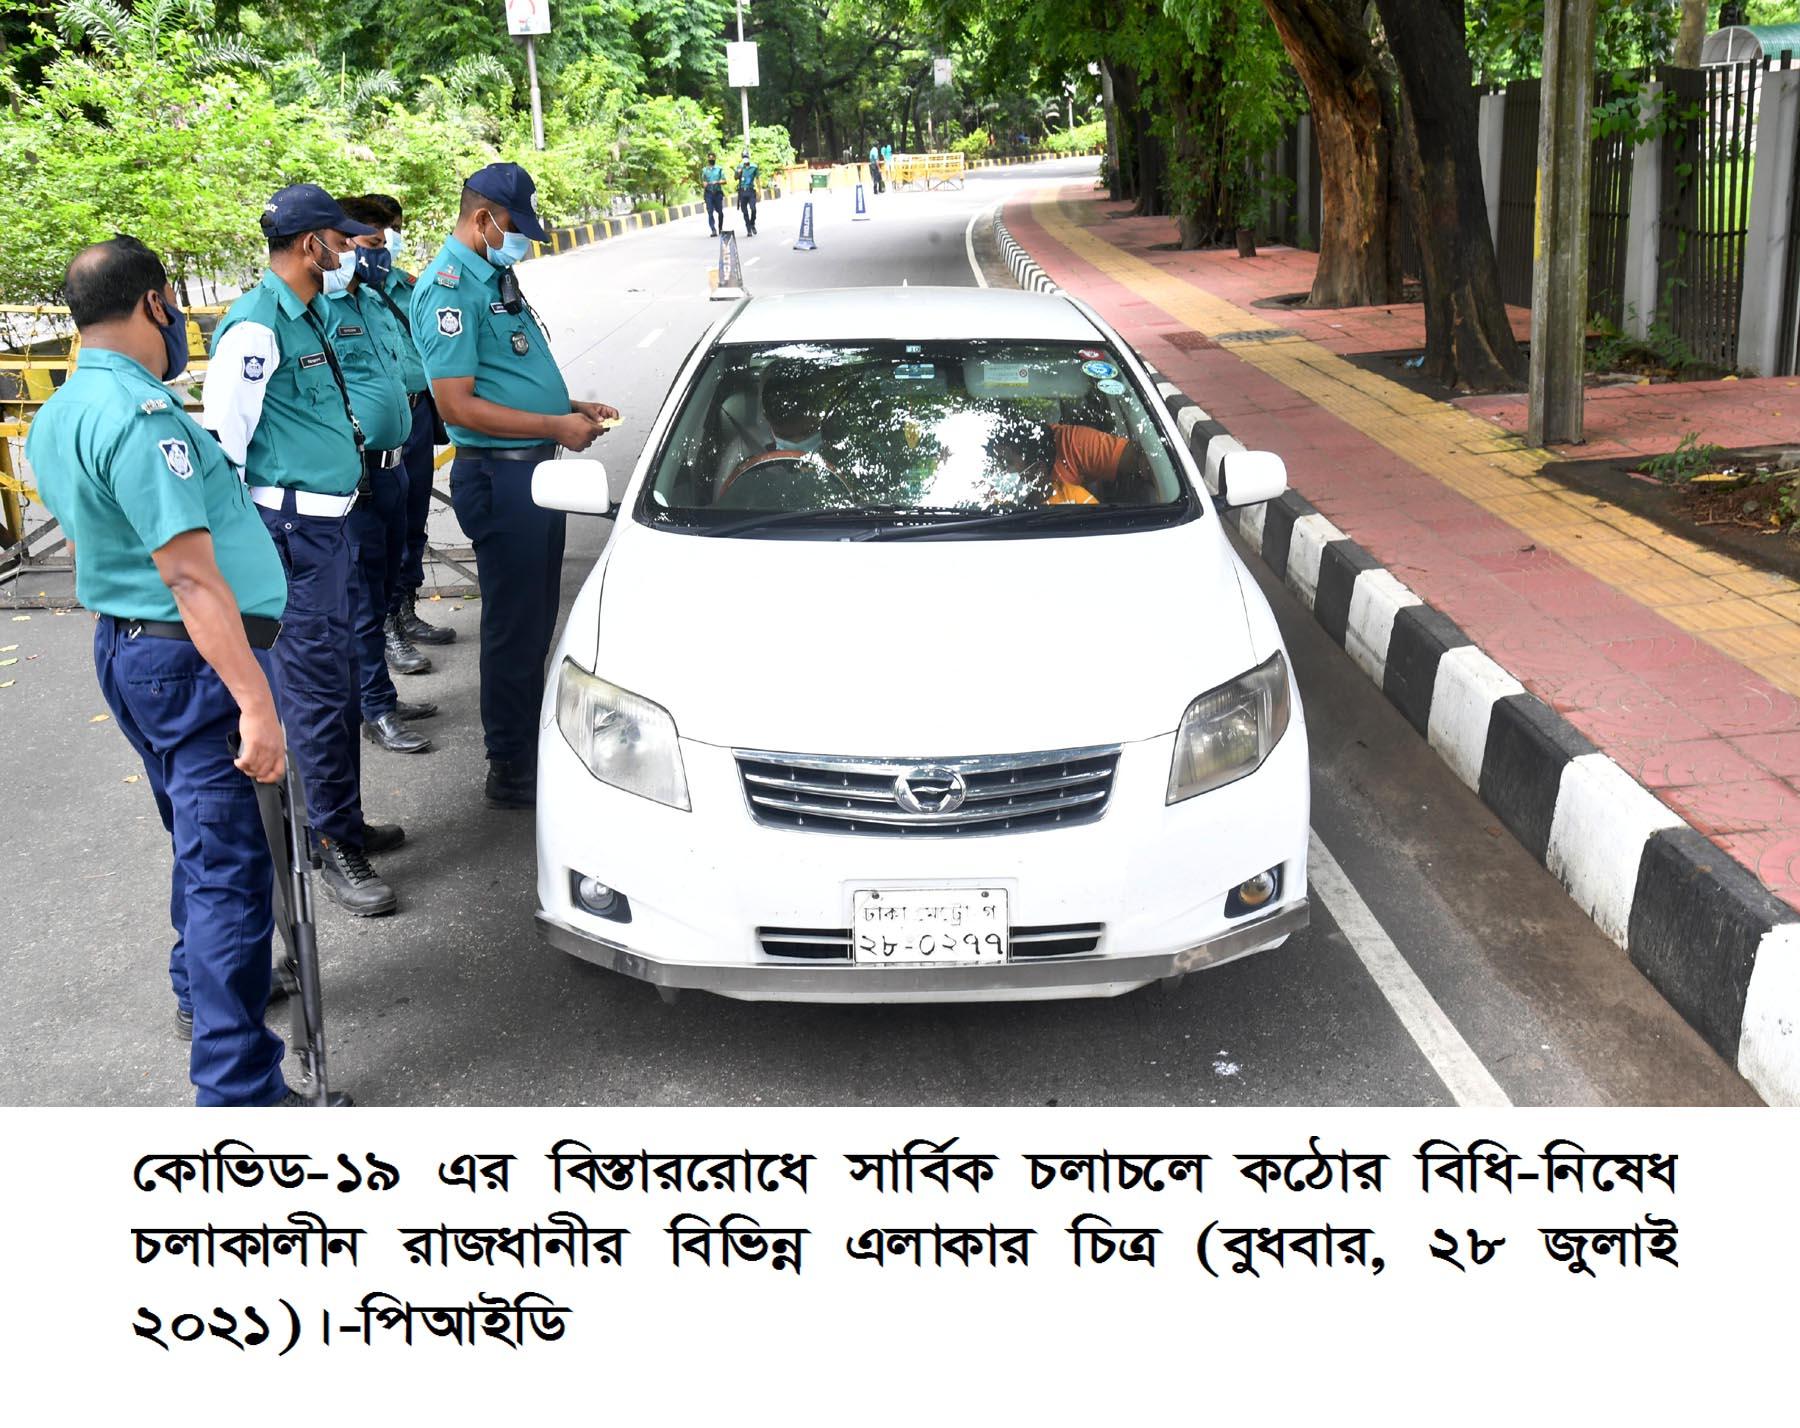 Lockdown in Dhaka